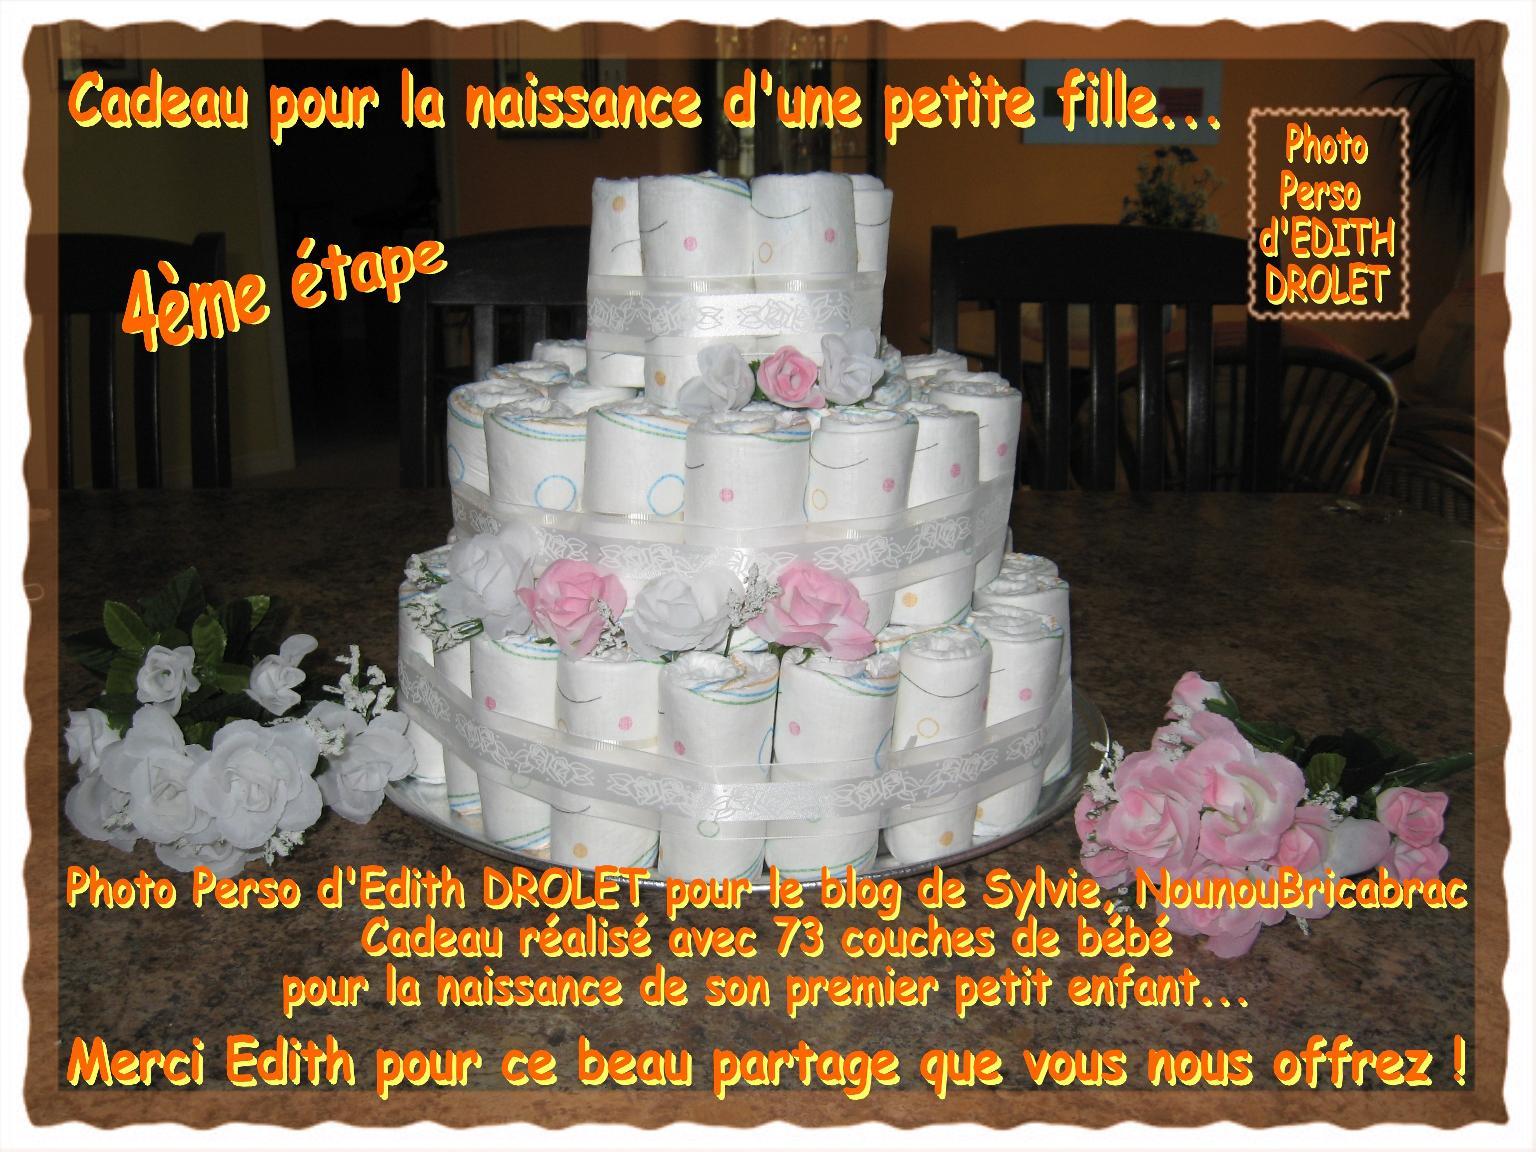 Gâteau - Cadeau pour la naissance d'une petite fille... 4ème étape, réalisé par Edith du Québec